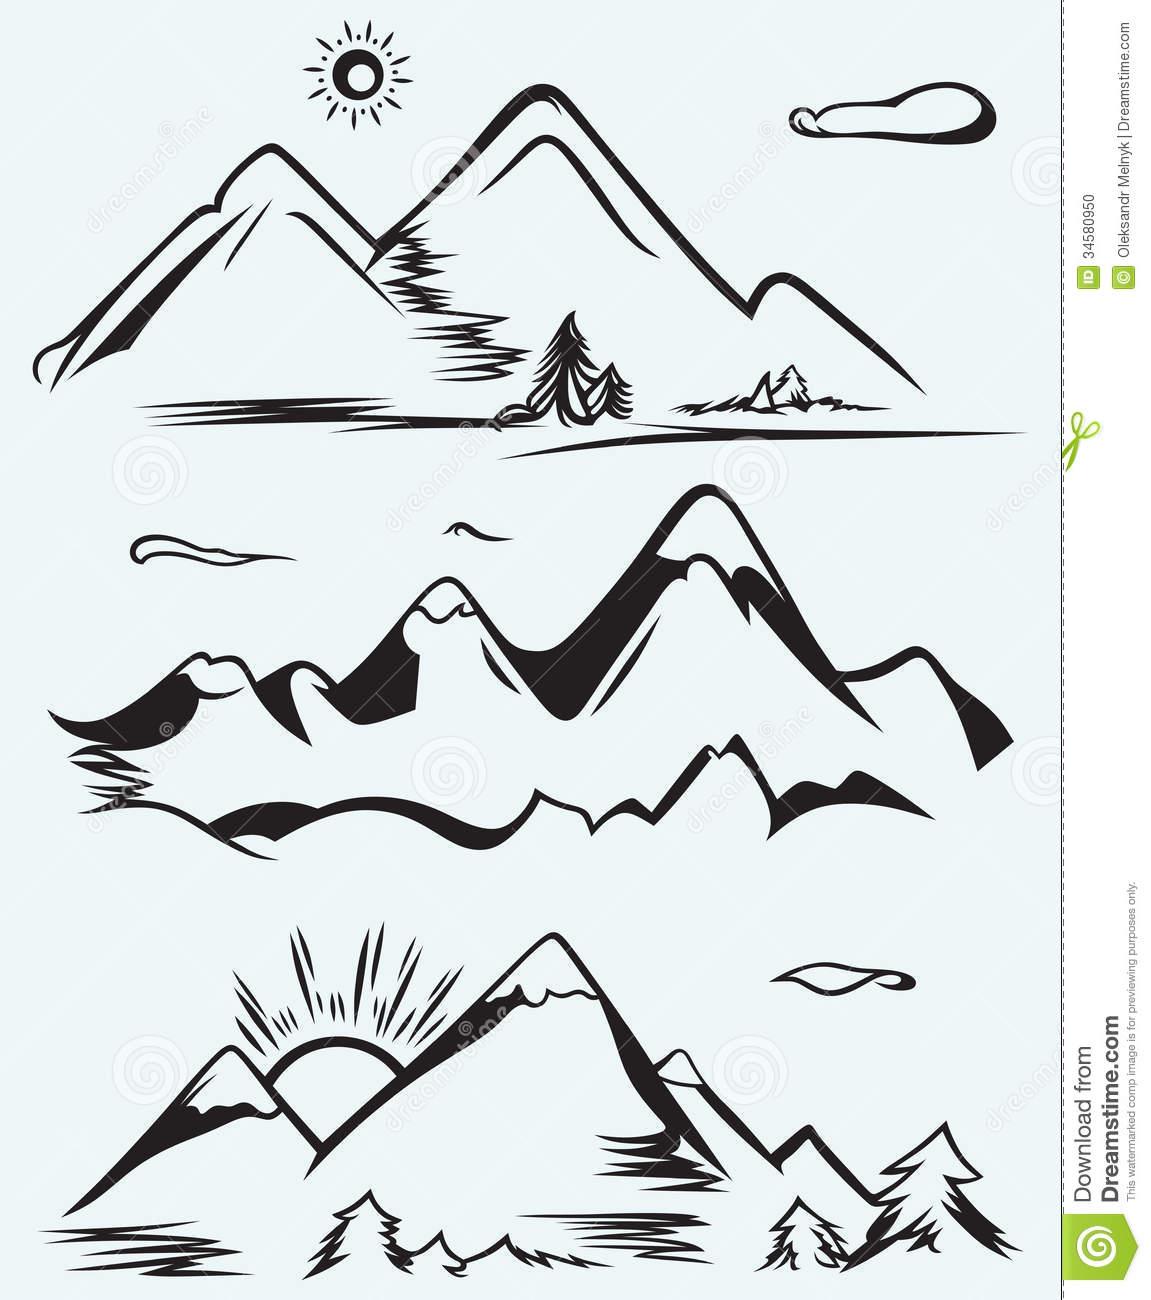 range clipart mountain range  - Mountain Clipart Black And White